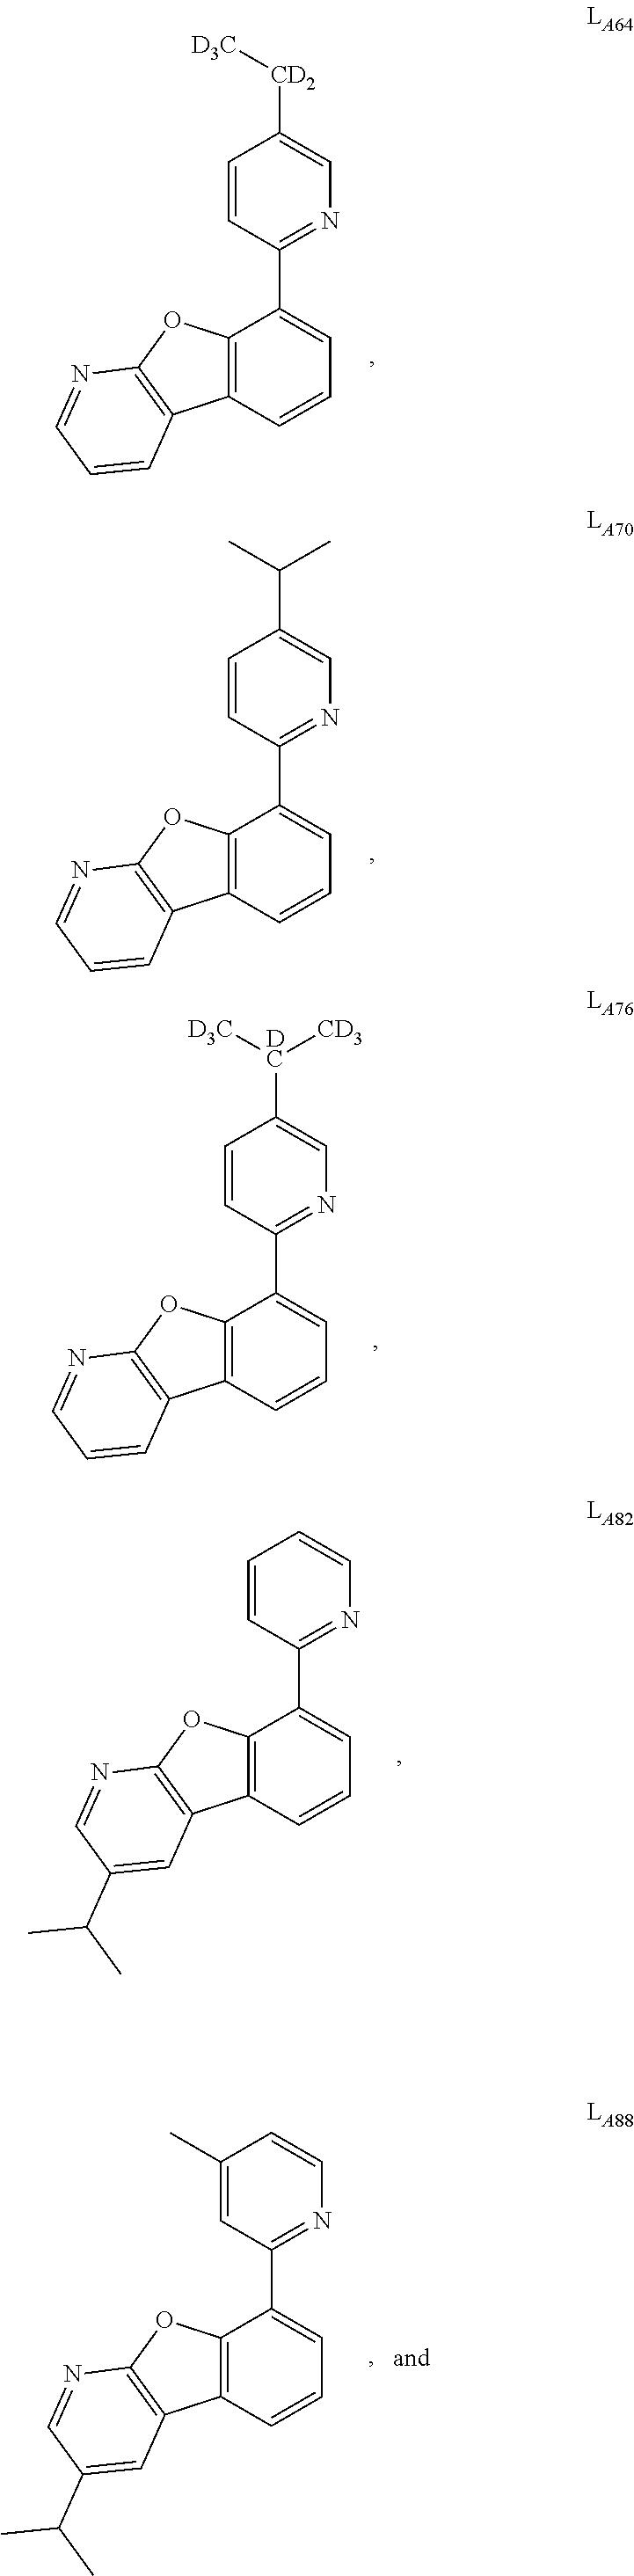 Figure US09634264-20170425-C00303